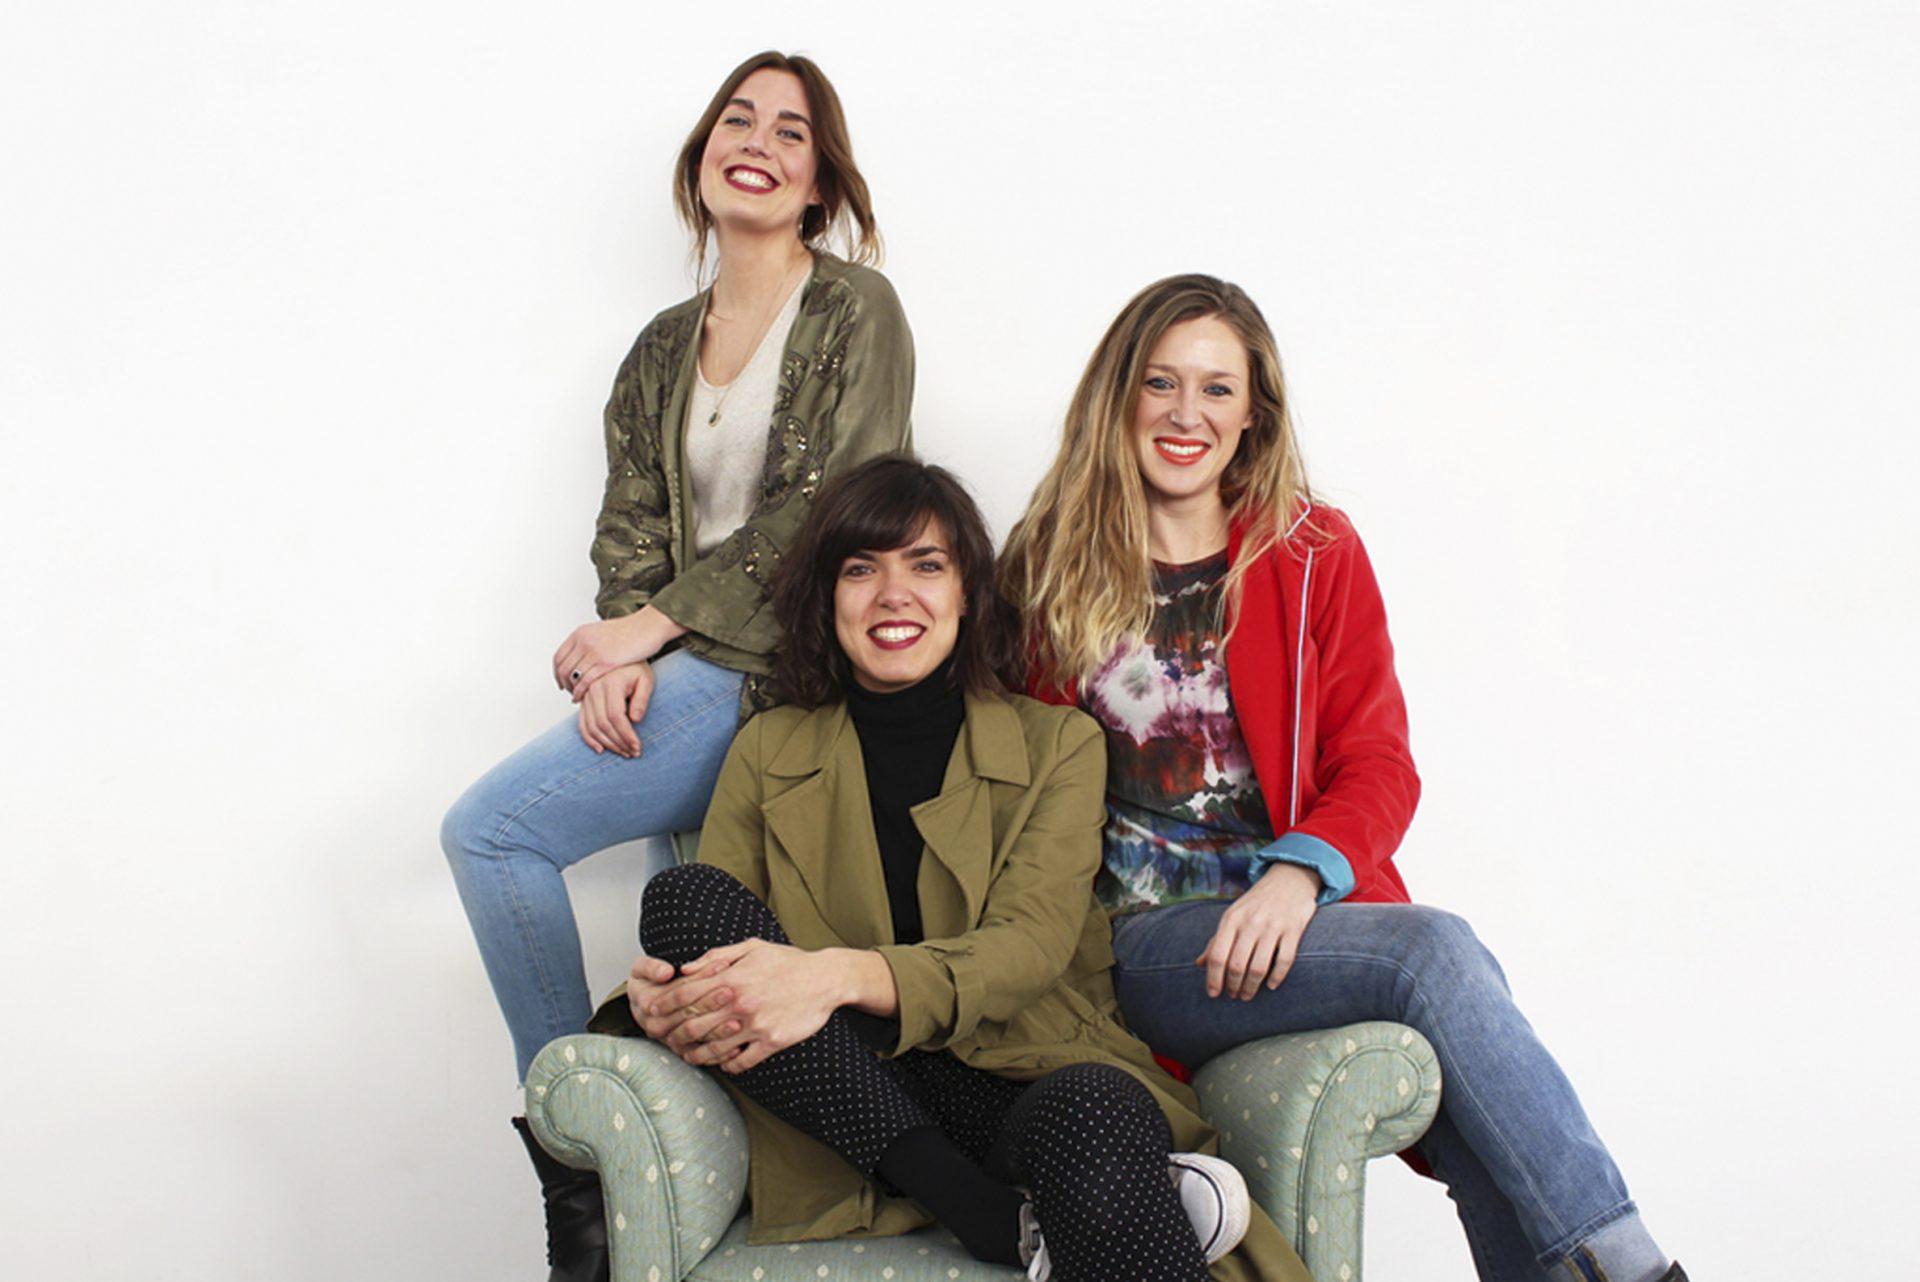 Laura, Mai y Victoria personal shoppers de lookiero